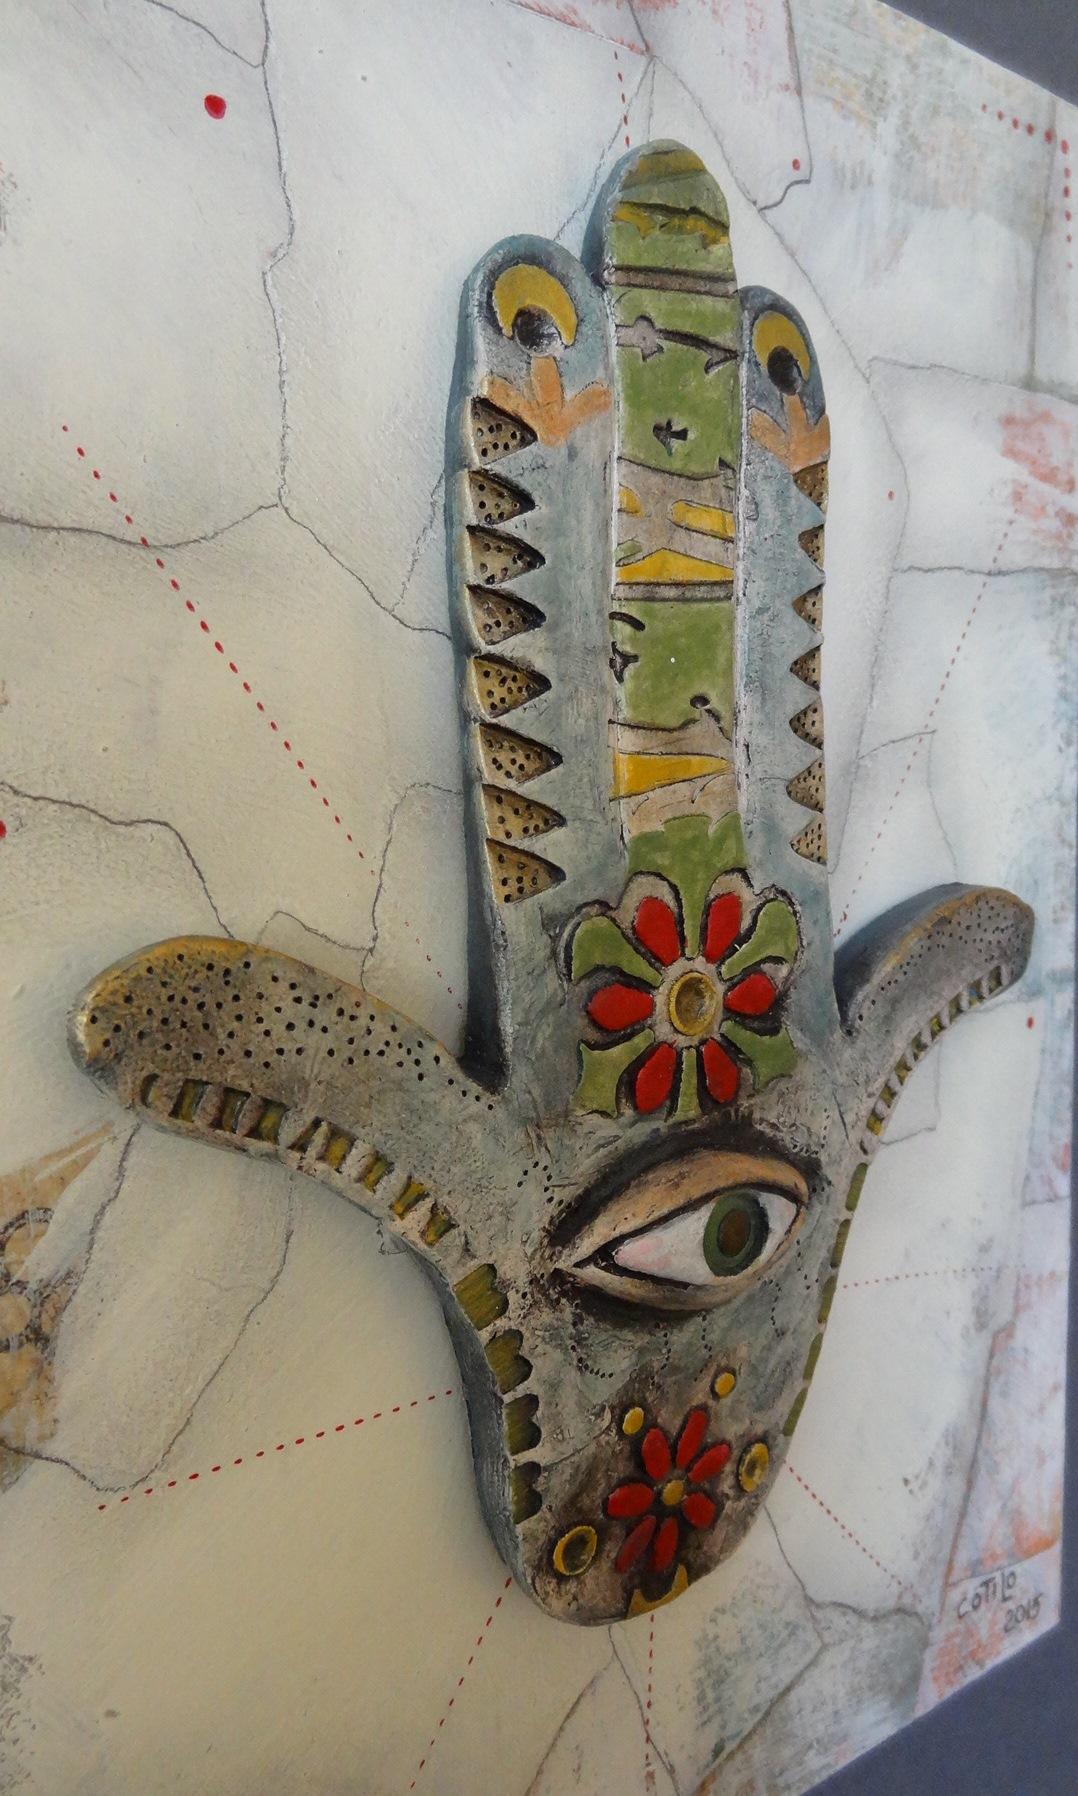 Fatima hand1 - 04